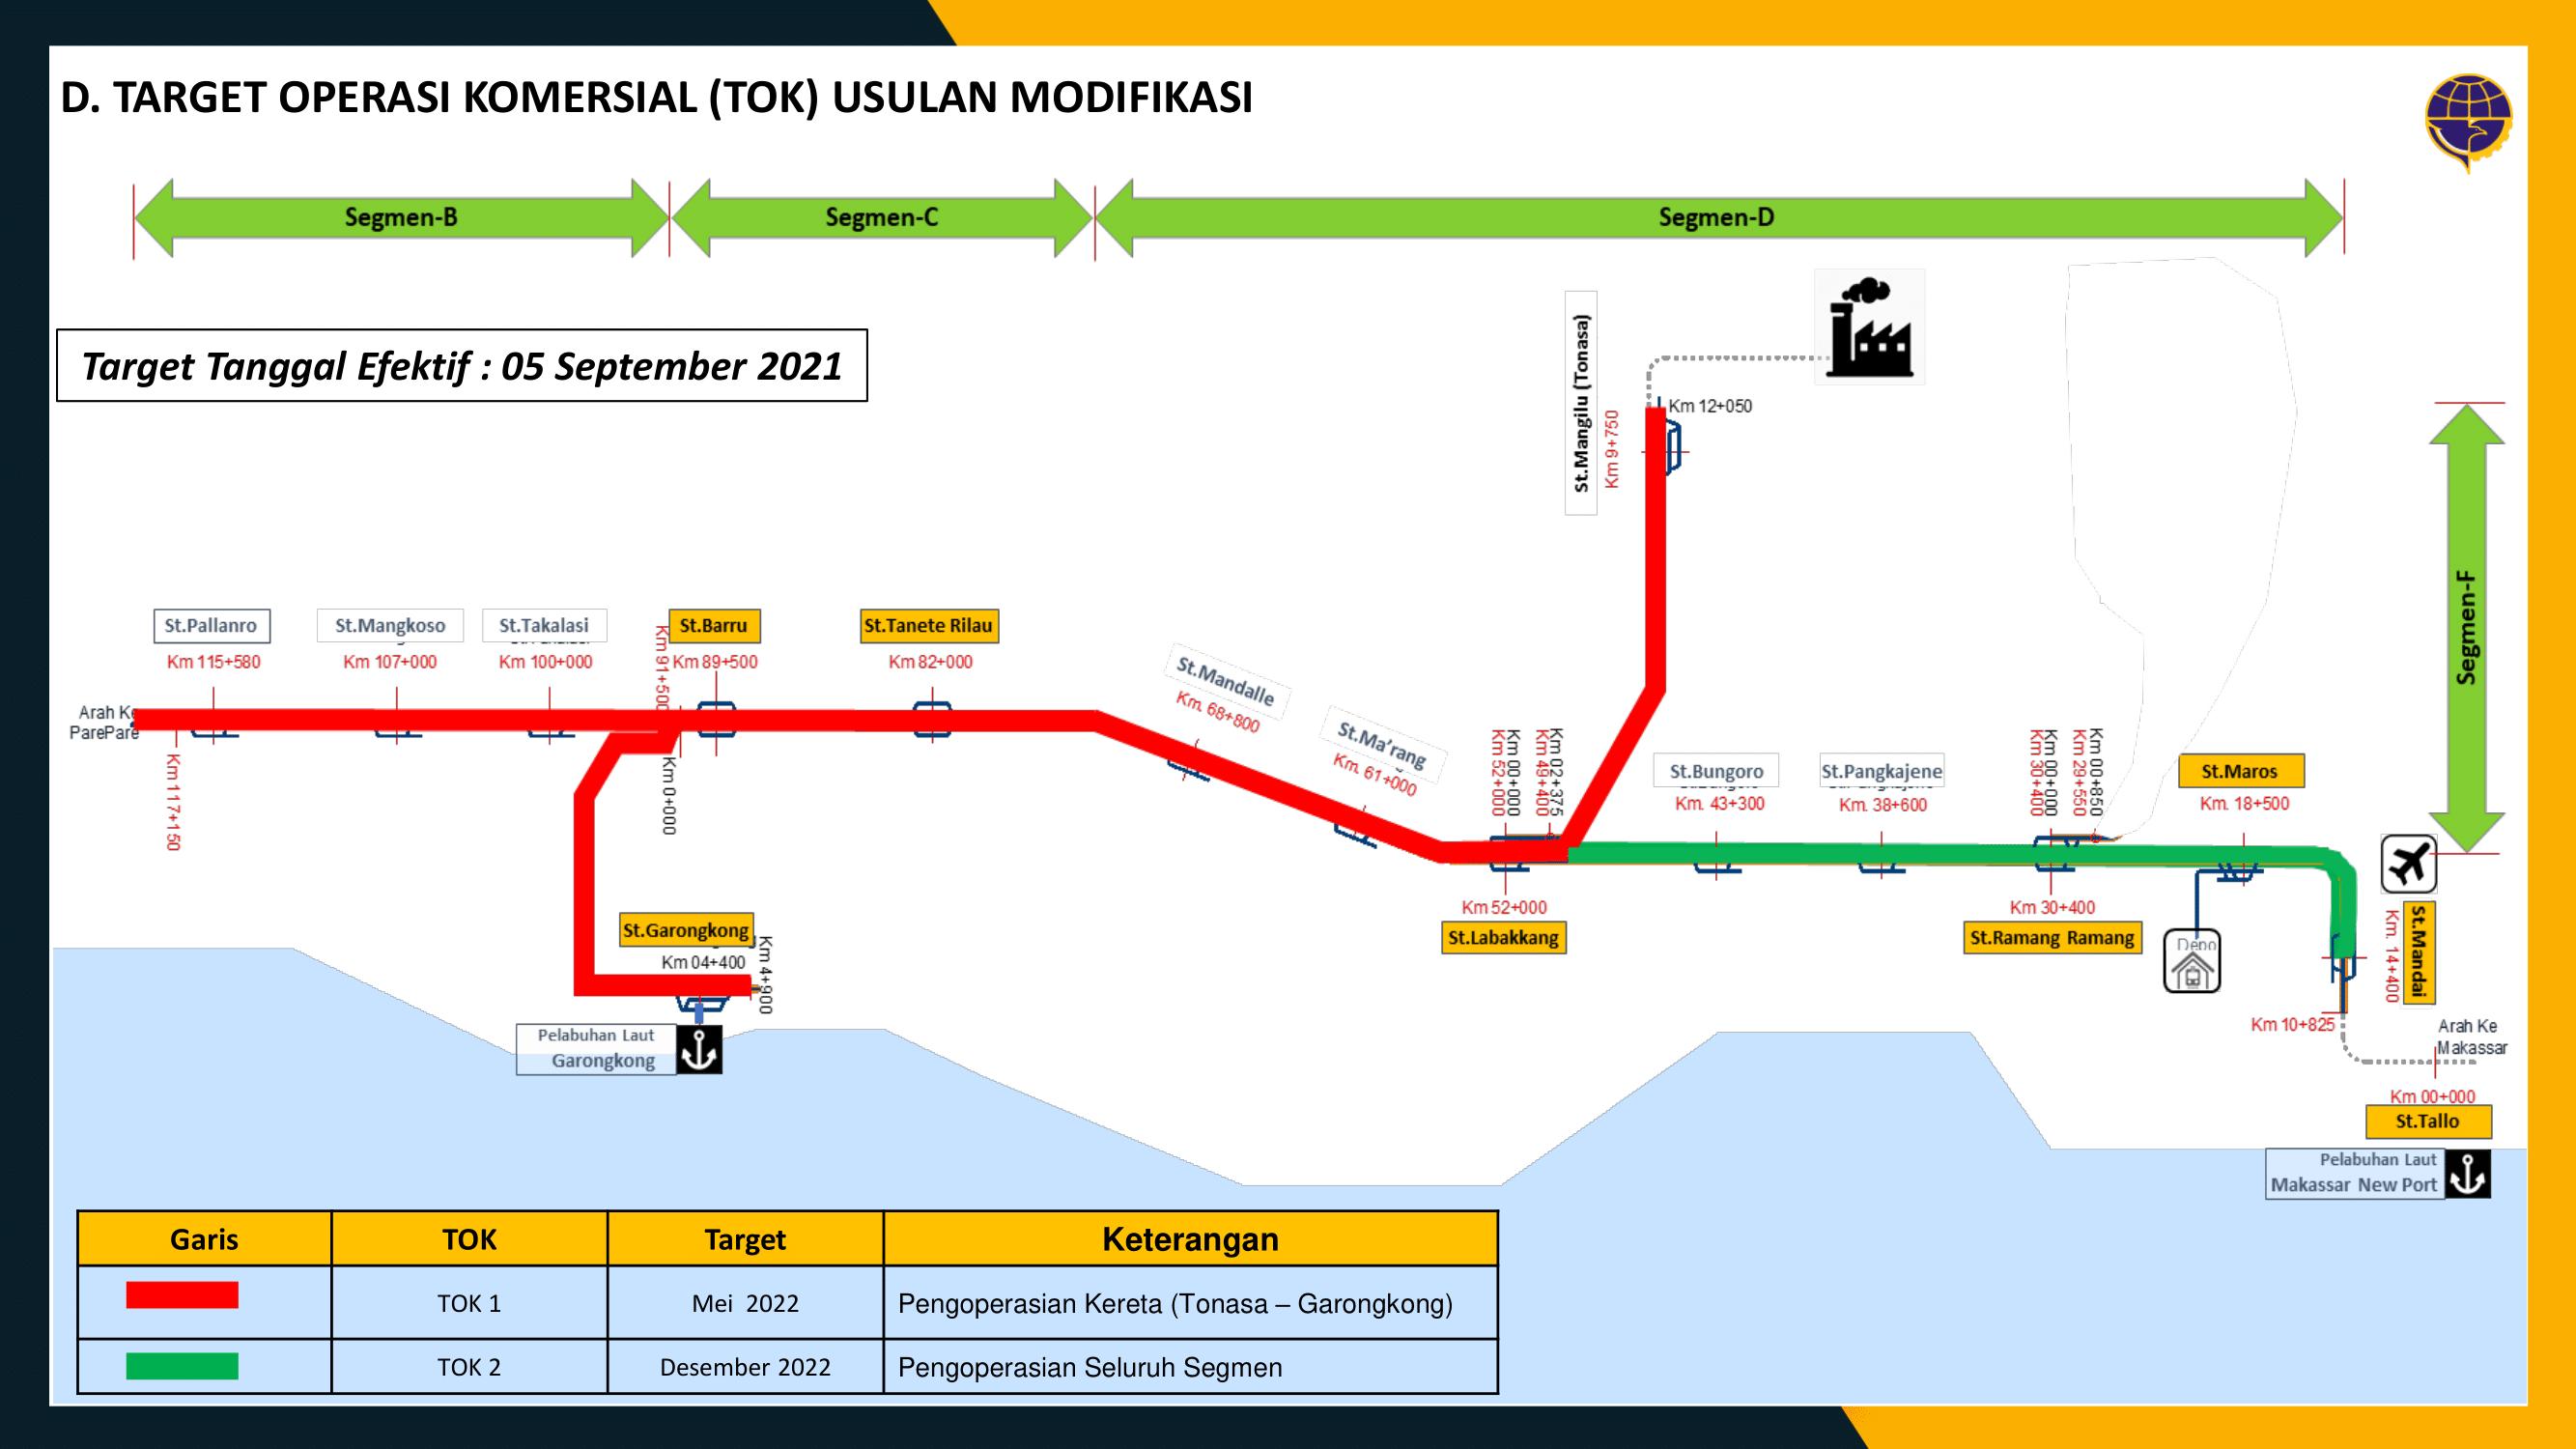 Target operasional KA Makassar